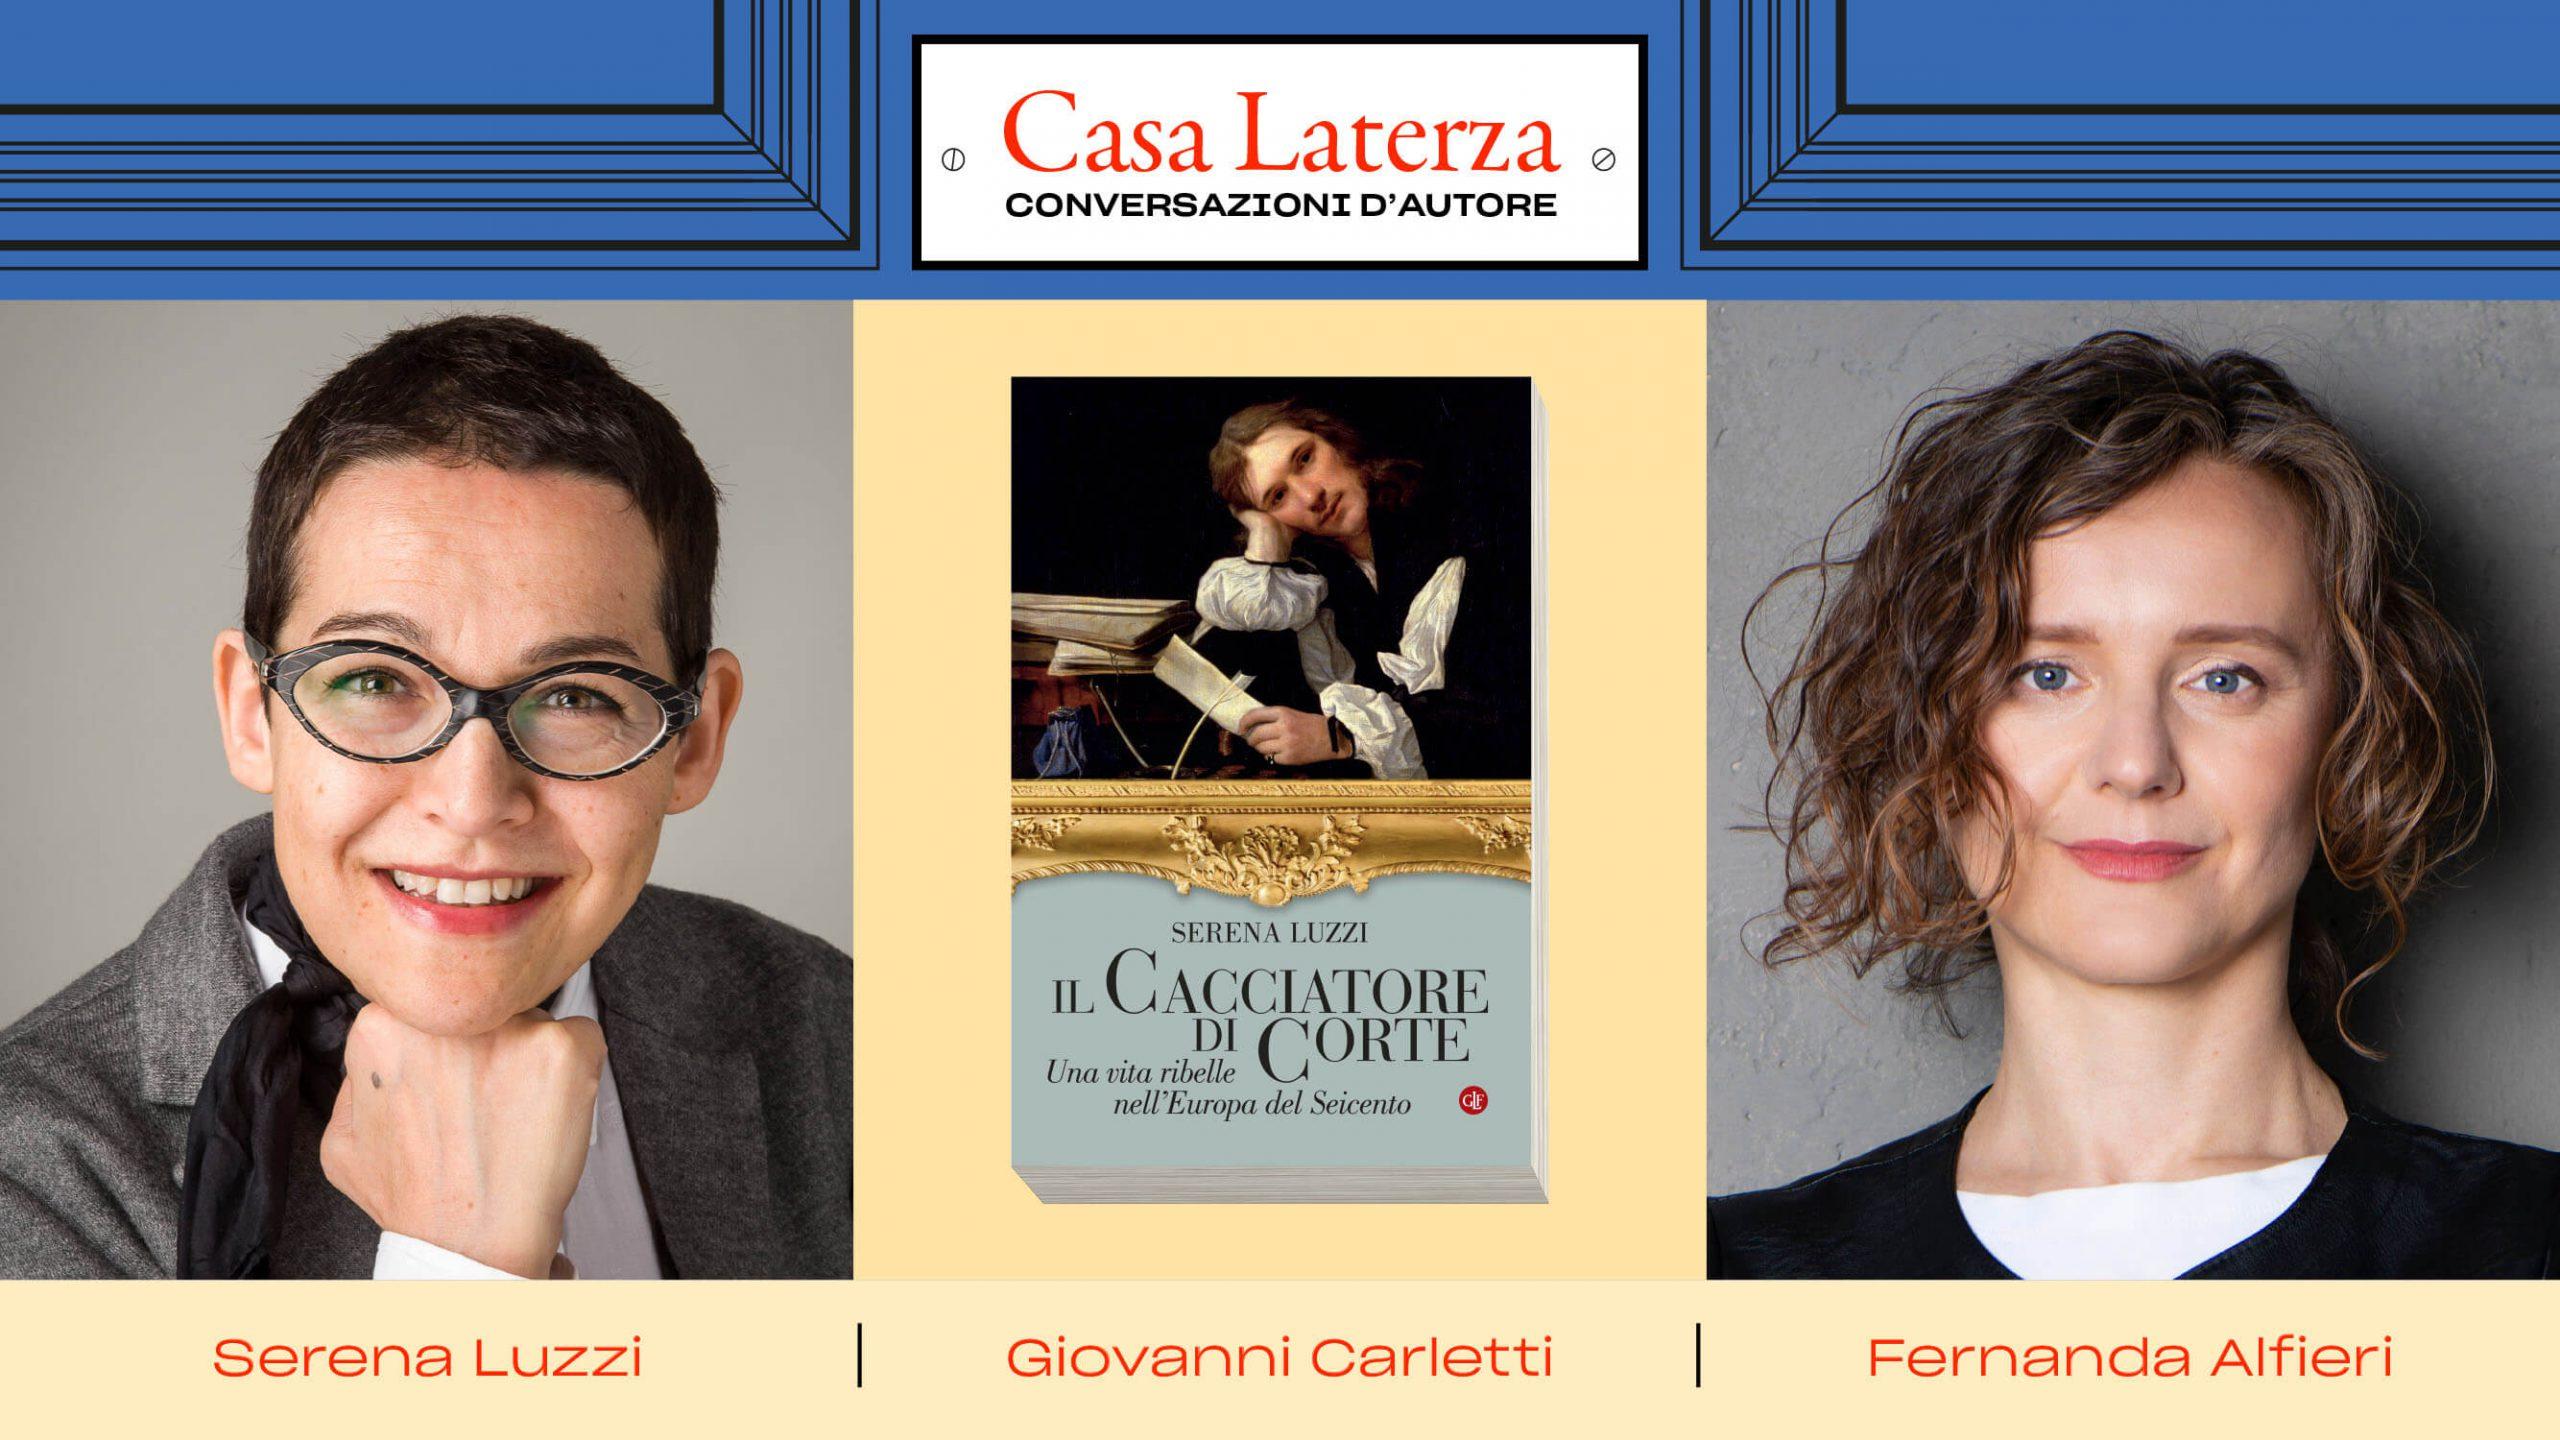 #CasaLaterza: Serena Luzzi dialoga con Fernanda Alfieri